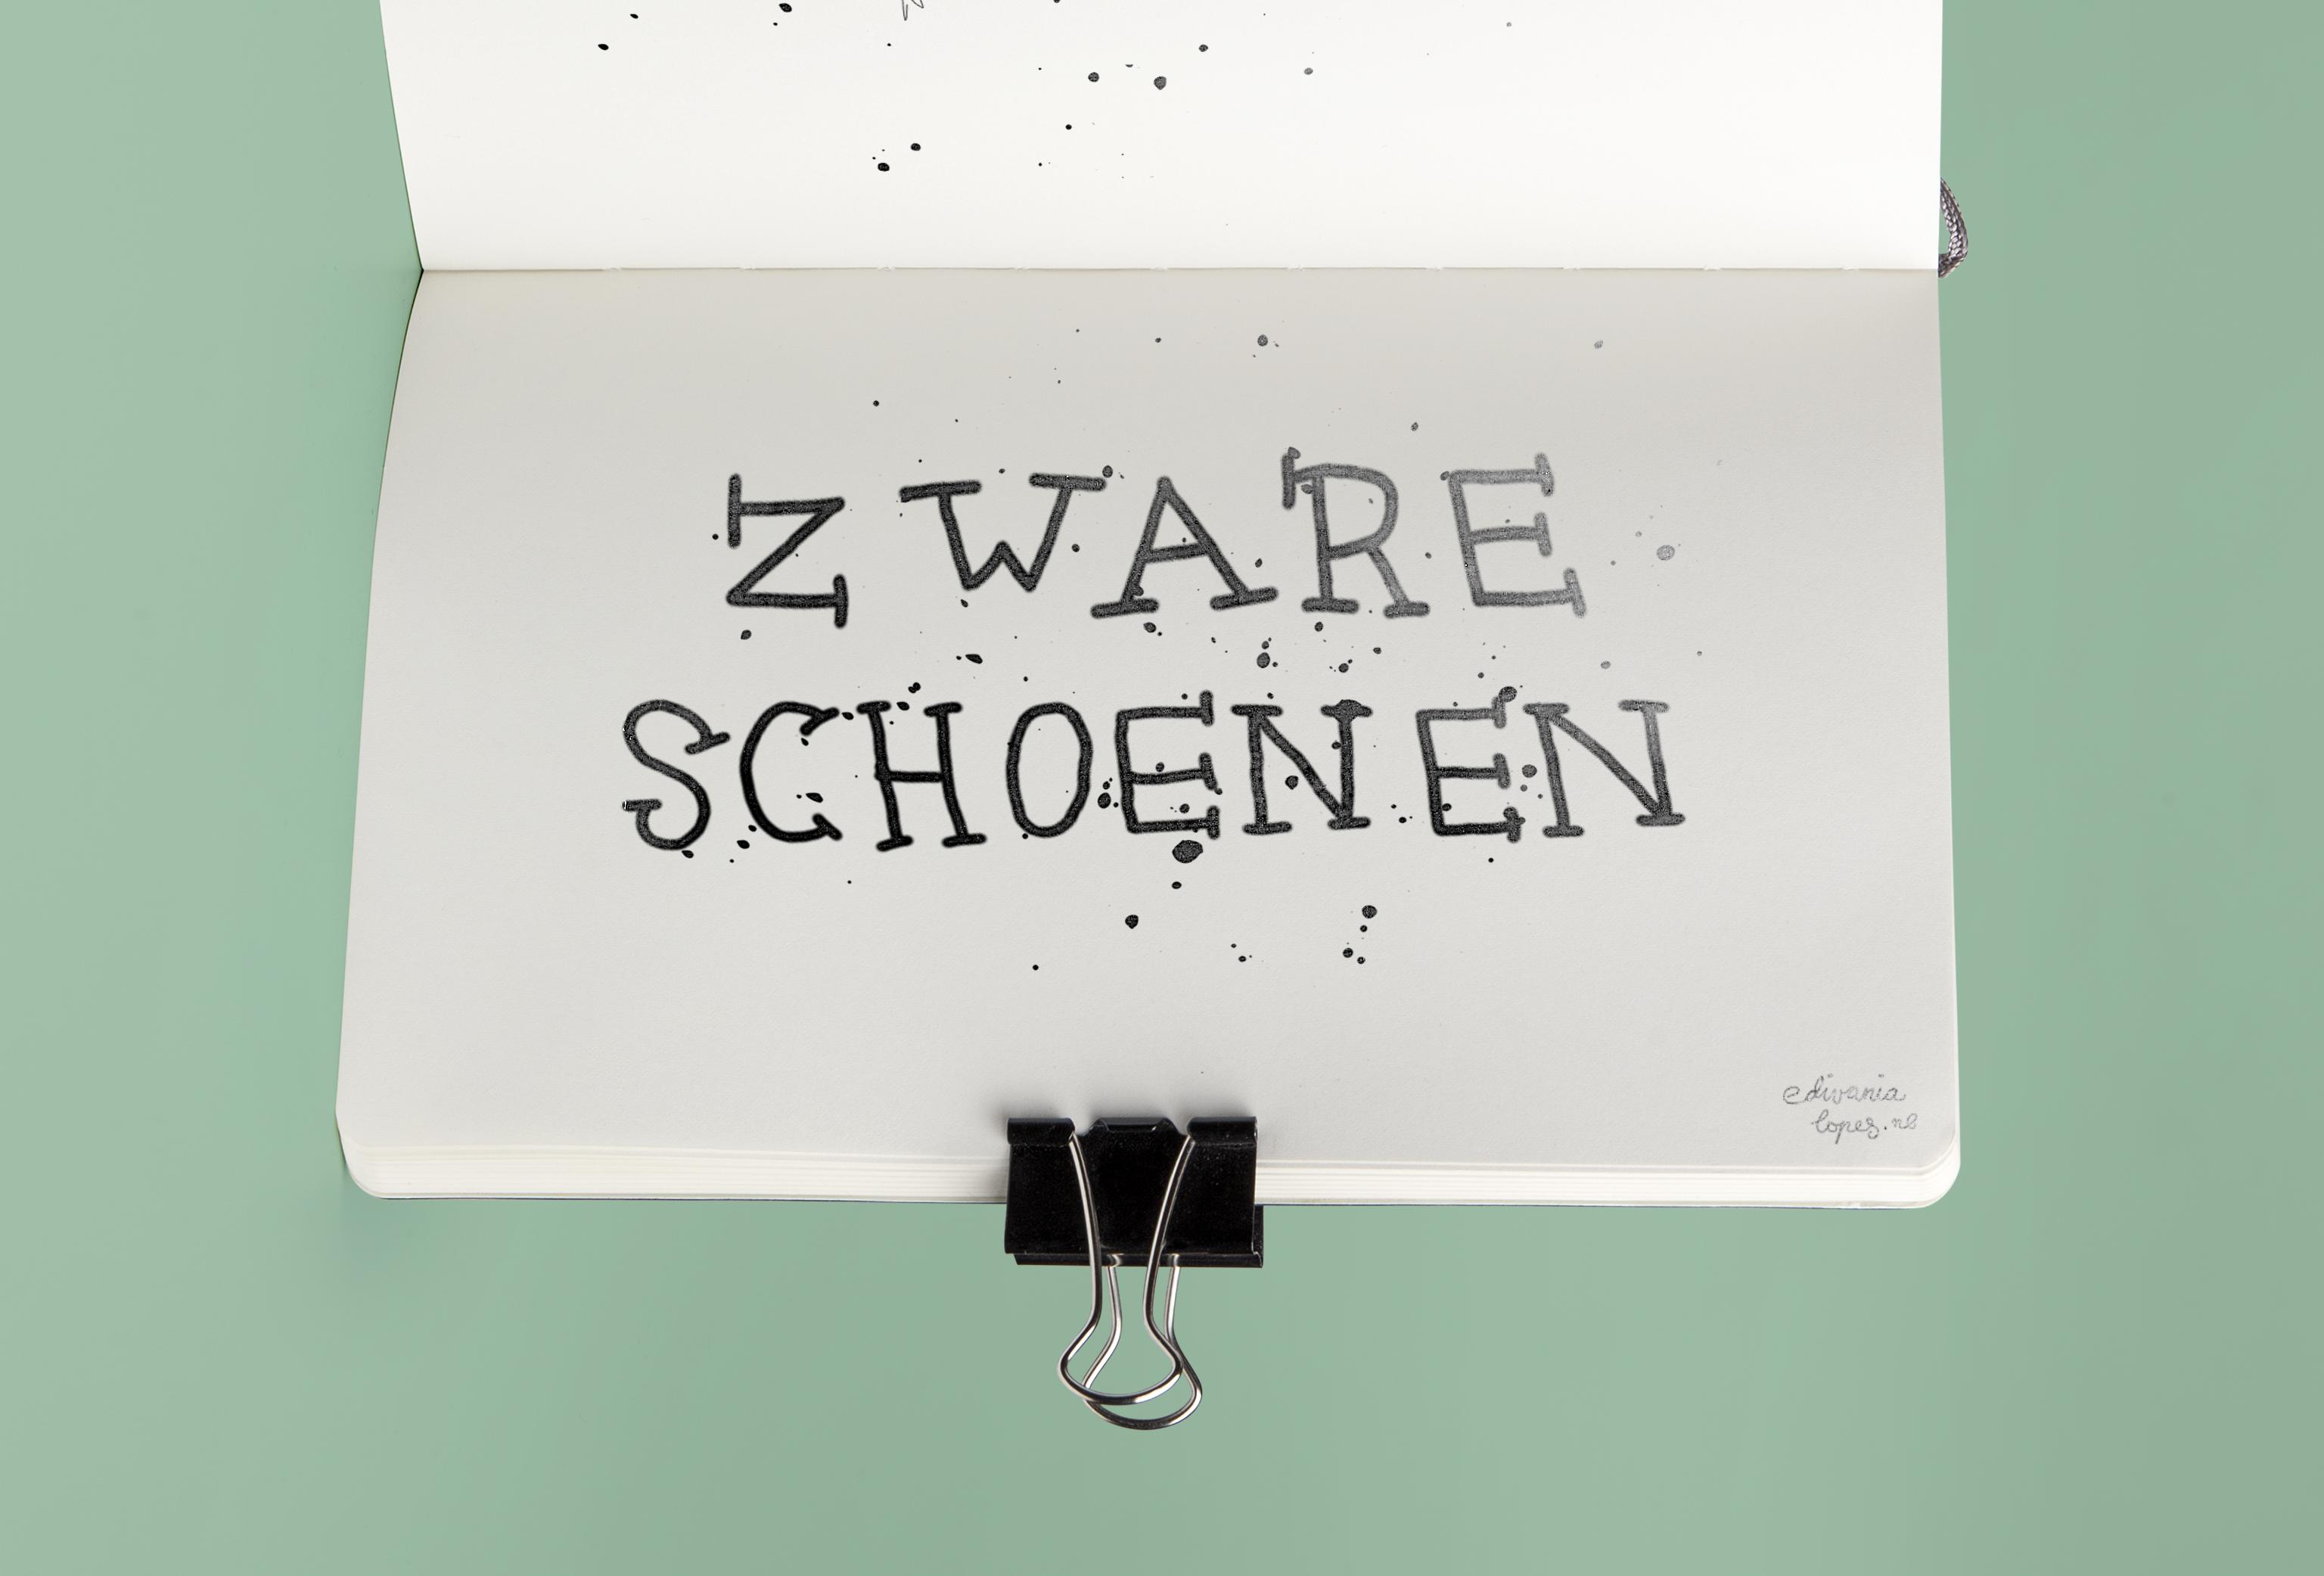 Indrukken: Zware Schoenen - EdivaniaLopes.nl